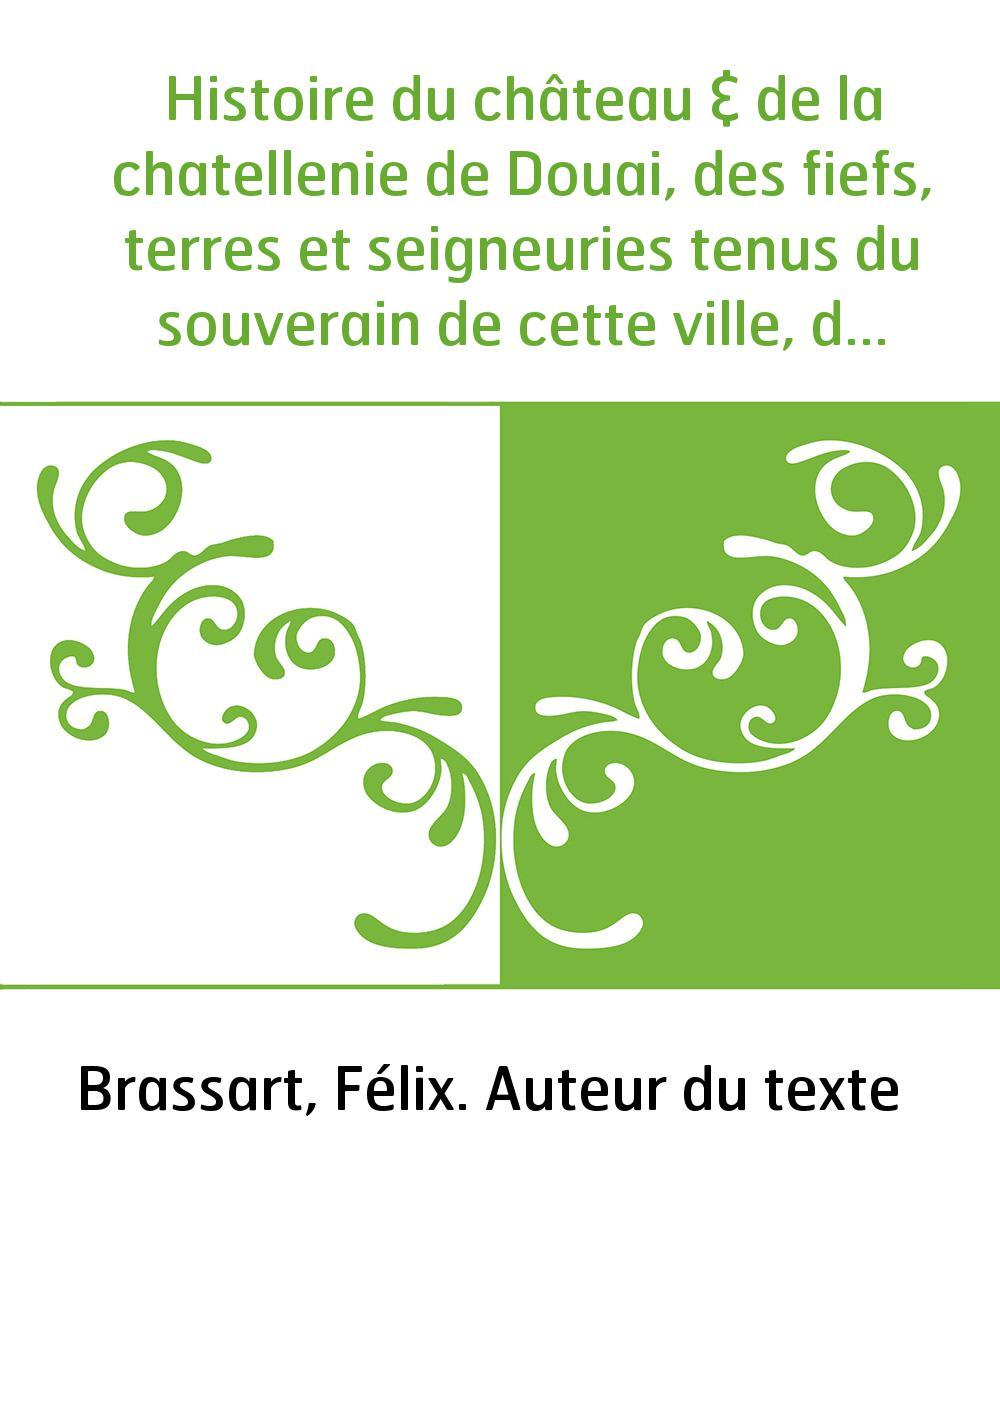 Histoire du château & de la chatellenie de Douai, des fiefs, terres et seigneuries tenus du souverain de cette ville, depuis le